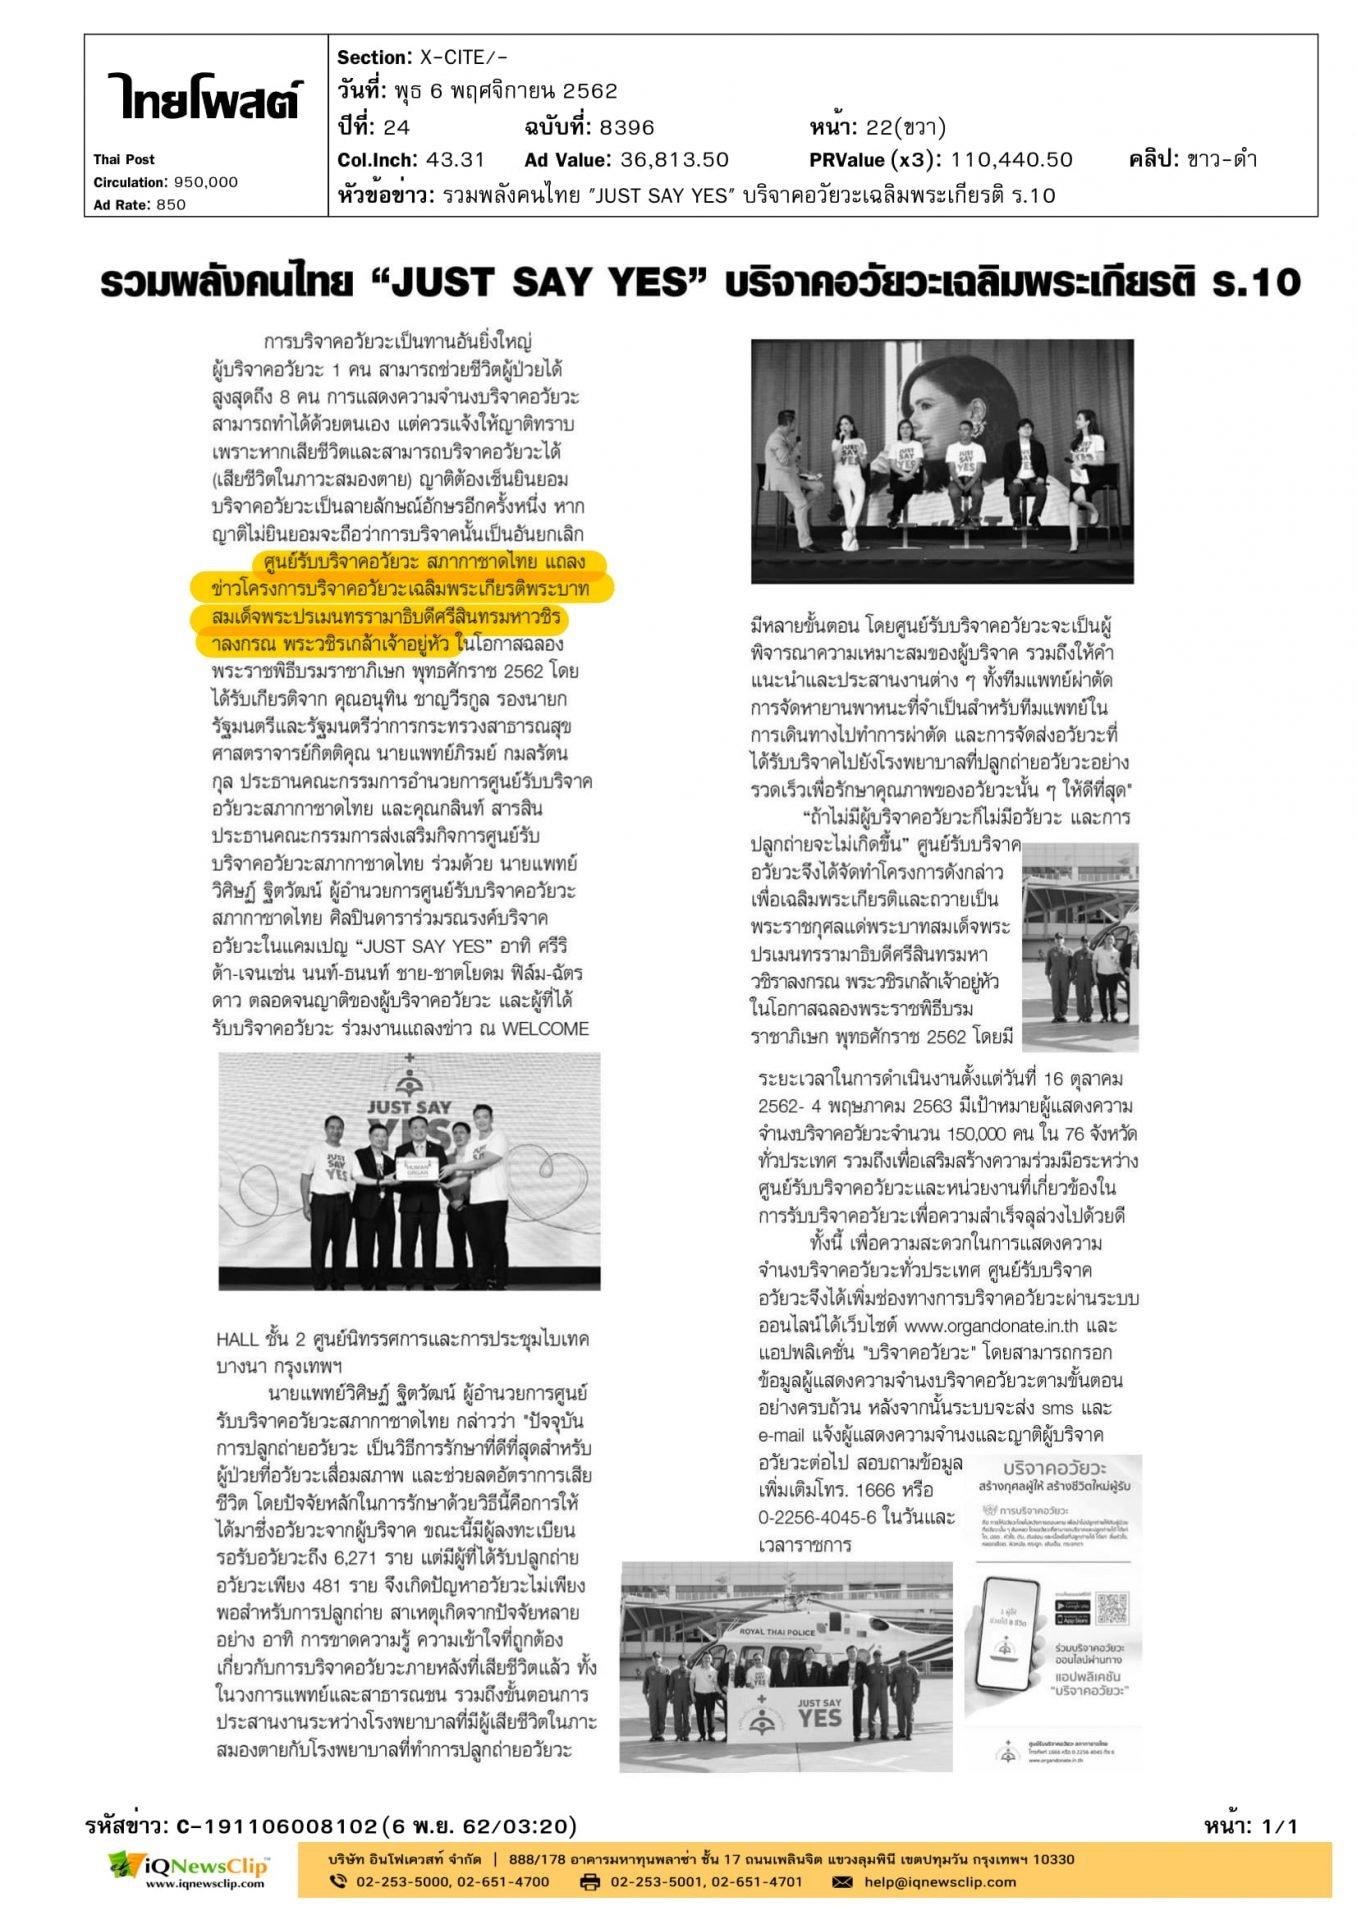 """บทความเรื่อง รวมพลังคนไทย """"JUST SAY YES"""" บริจาคอวัยวะเฉลิมพระเกียรติ ร.10*"""